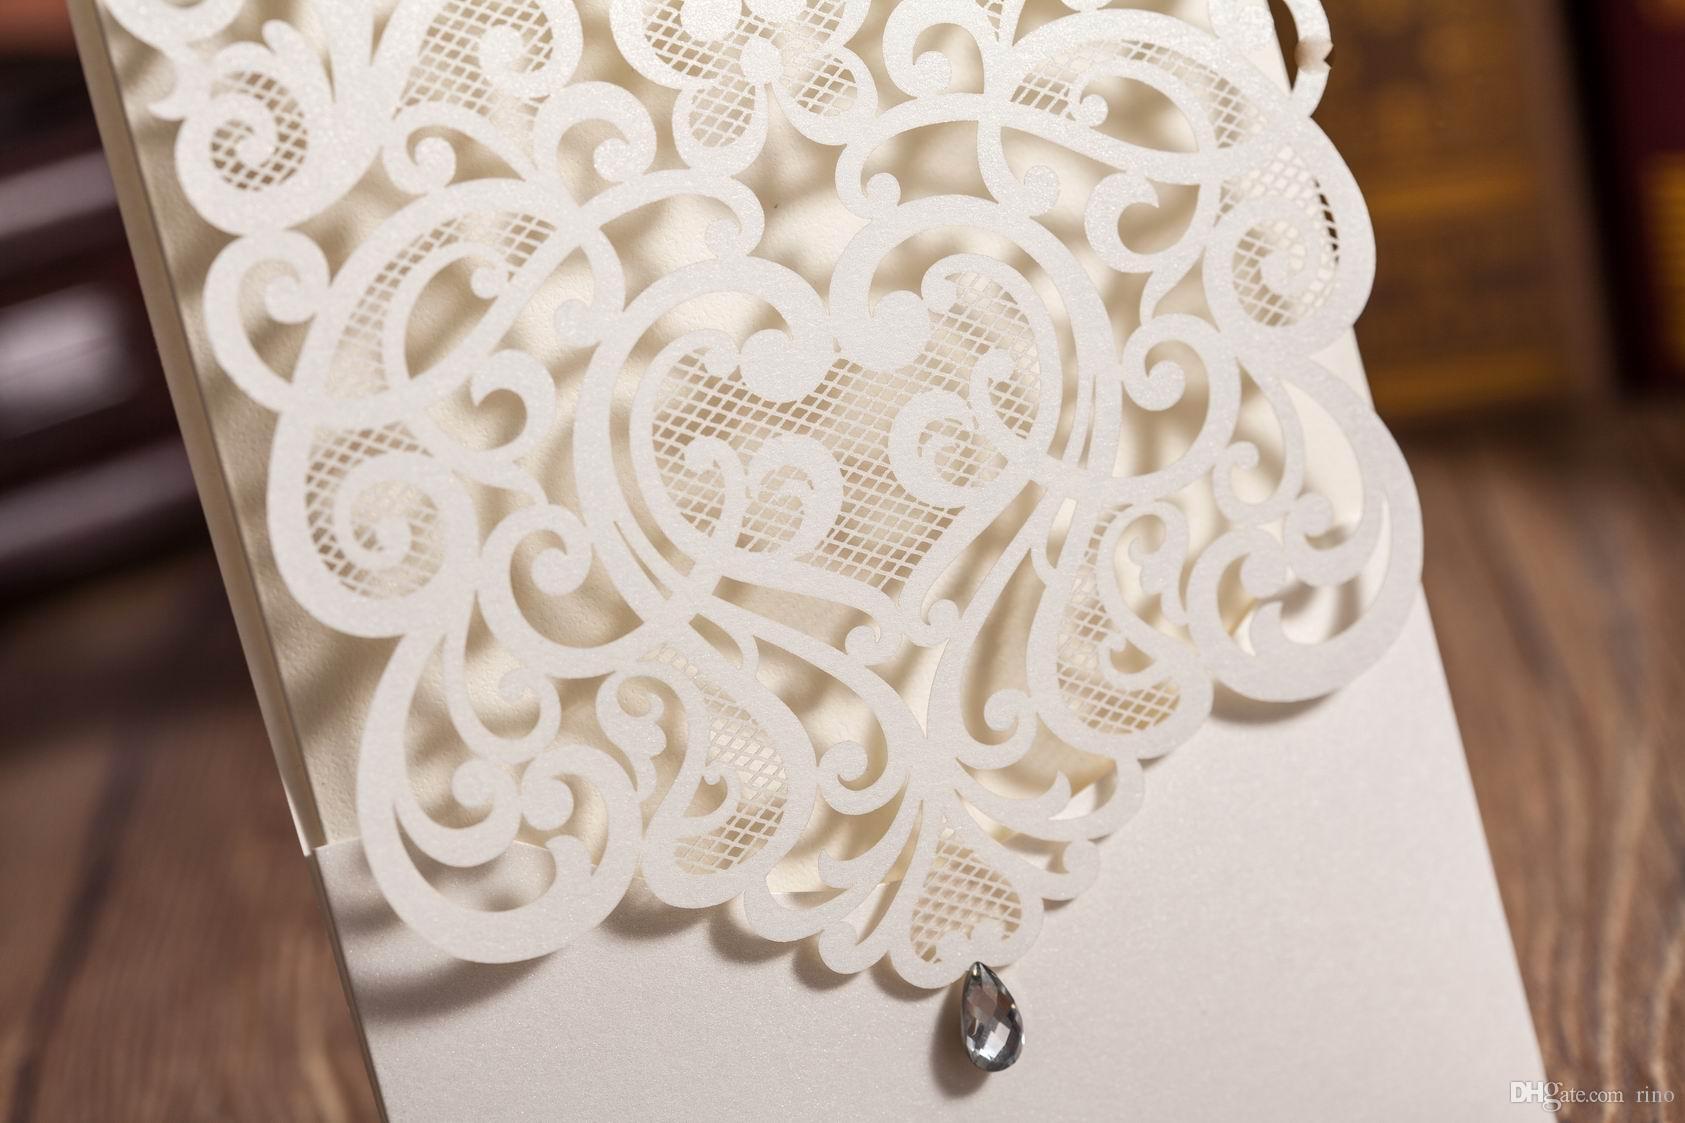 Lazer kesim düğün davetiyeleri kartları Kişiselleştirilmiş Hollow Düğün Davetiyeleri Kartları Düğün Malzemeleri Ücretsiz Özel Baskı Sıcak